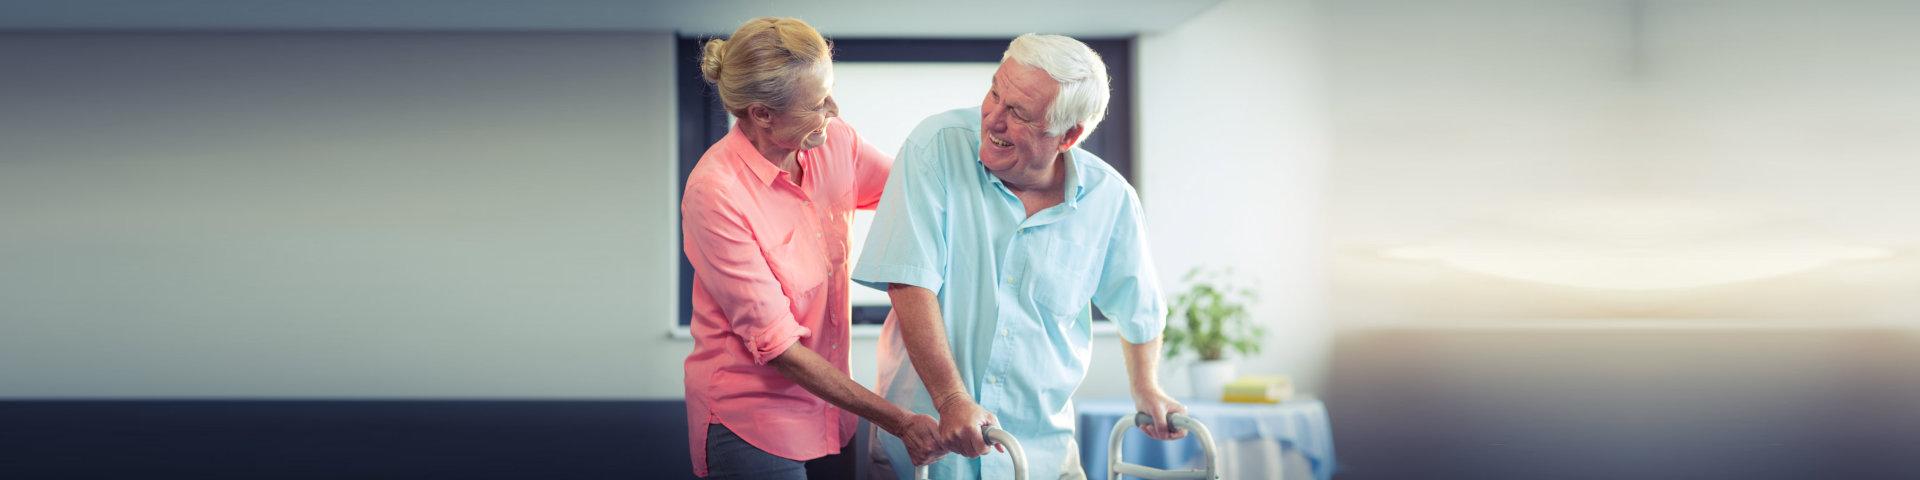 senior women helping senior men to walk